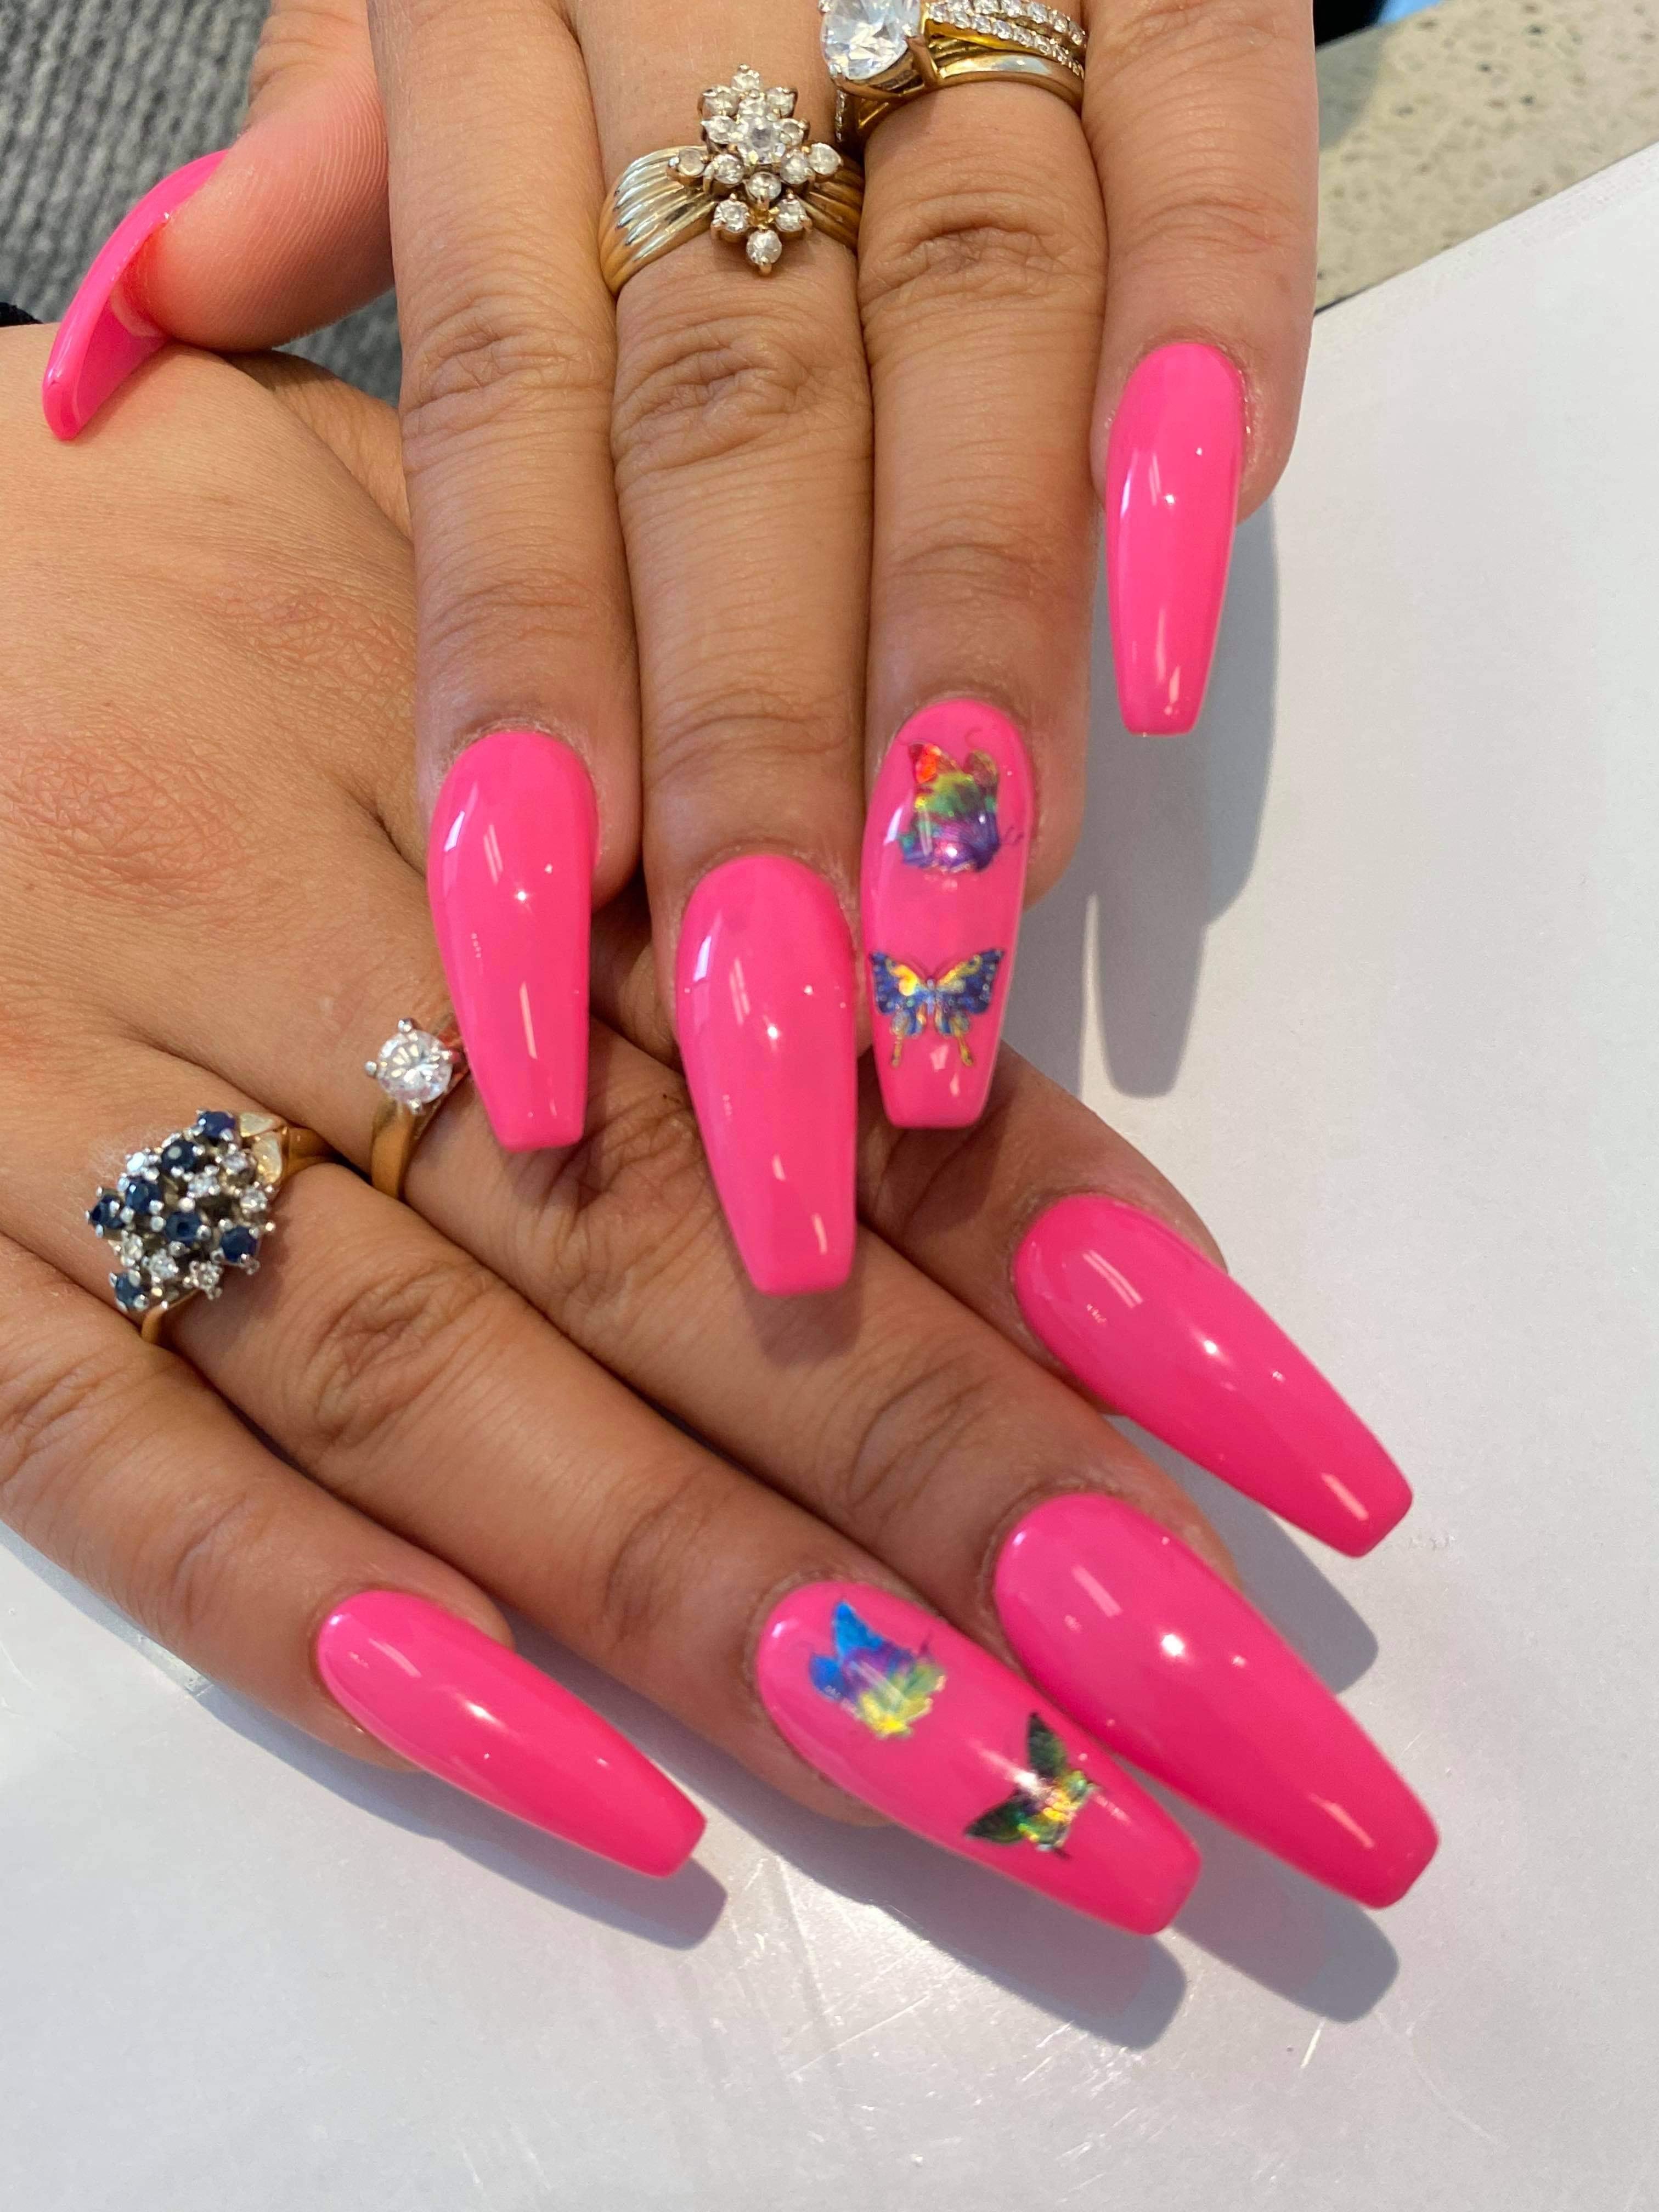 Nails Design V9B 3R5